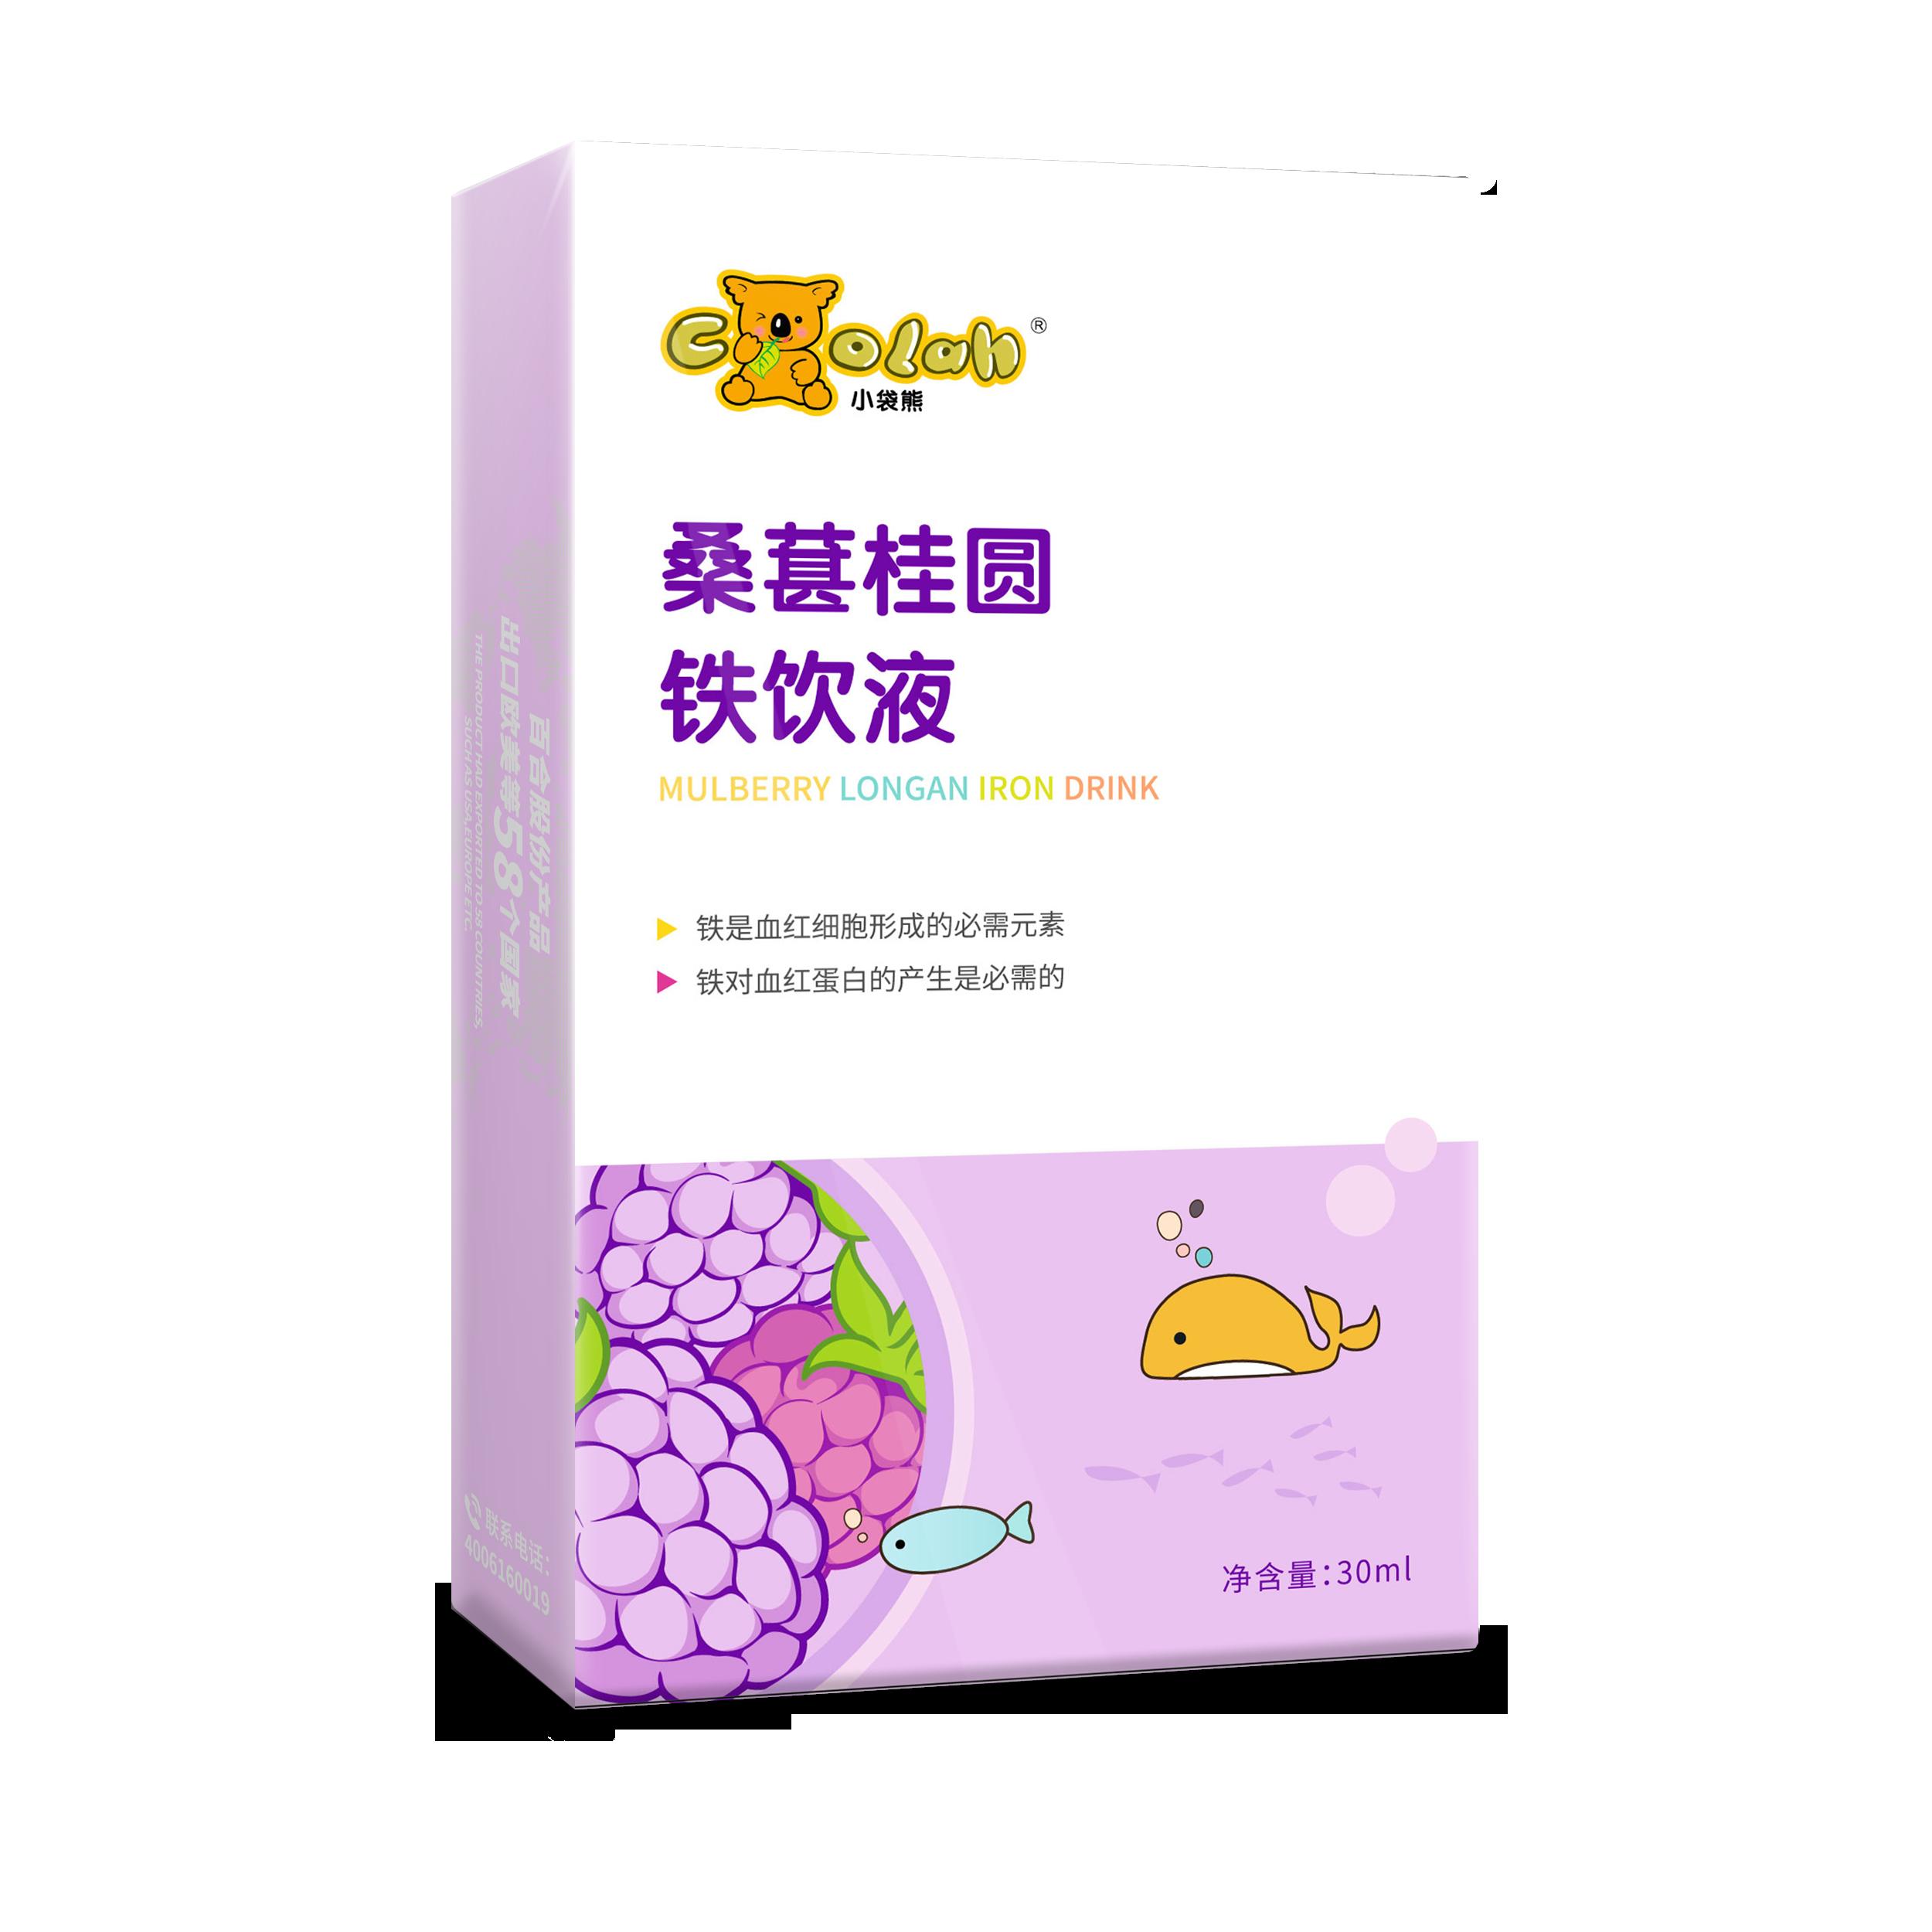 桑葚桂圆铁饮液¥168